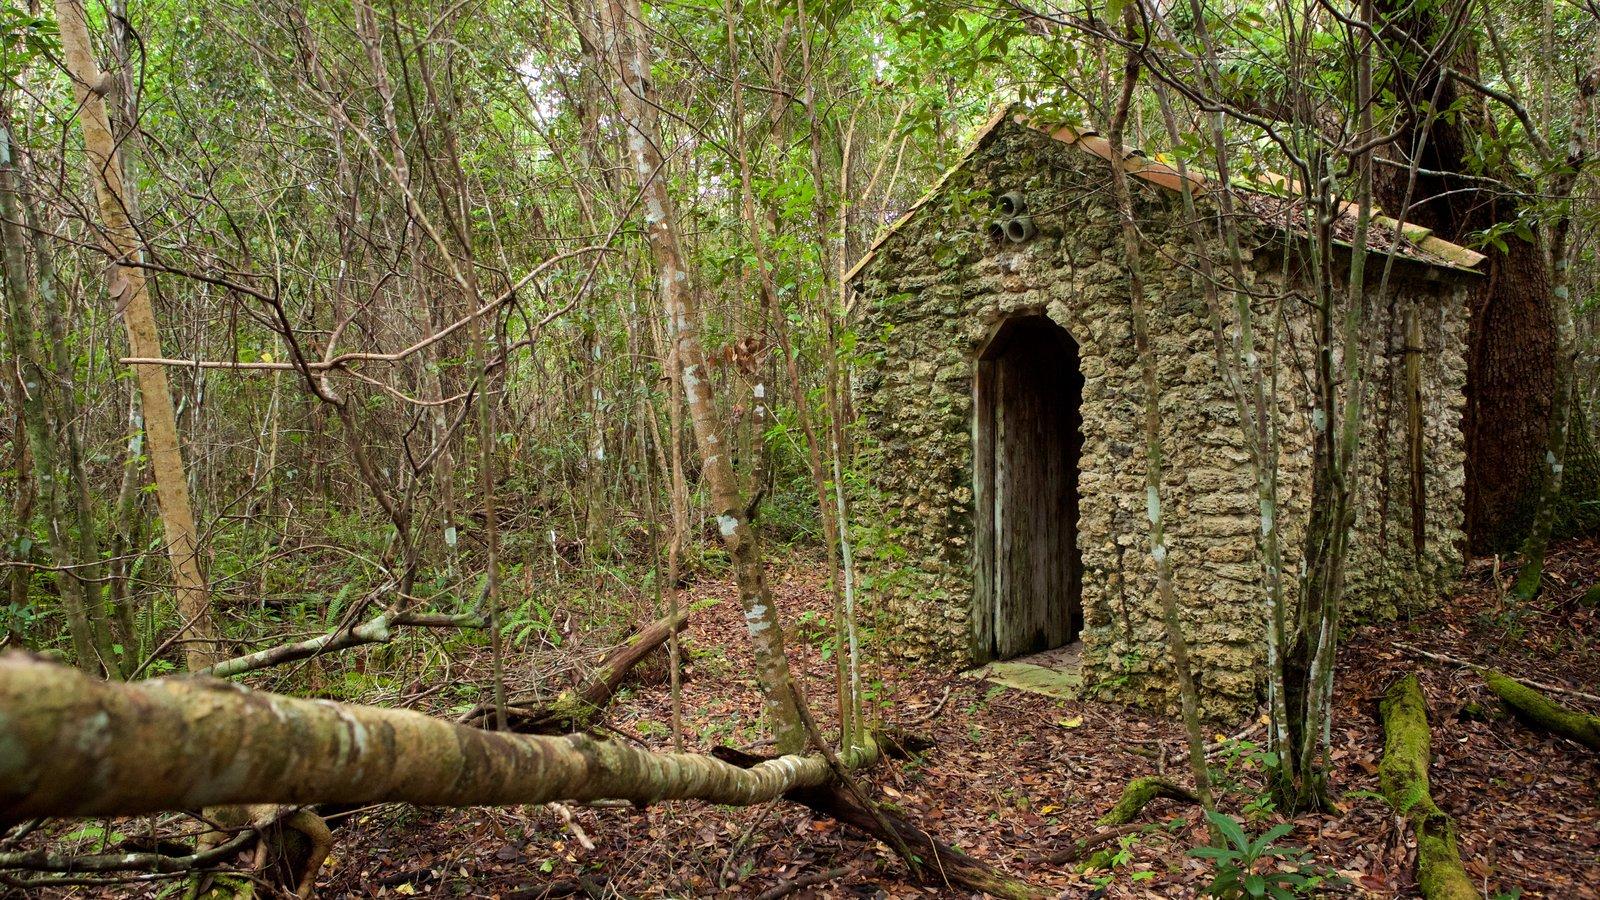 Everglades National Park caracterizando cenas tranquilas, florestas e uma casa